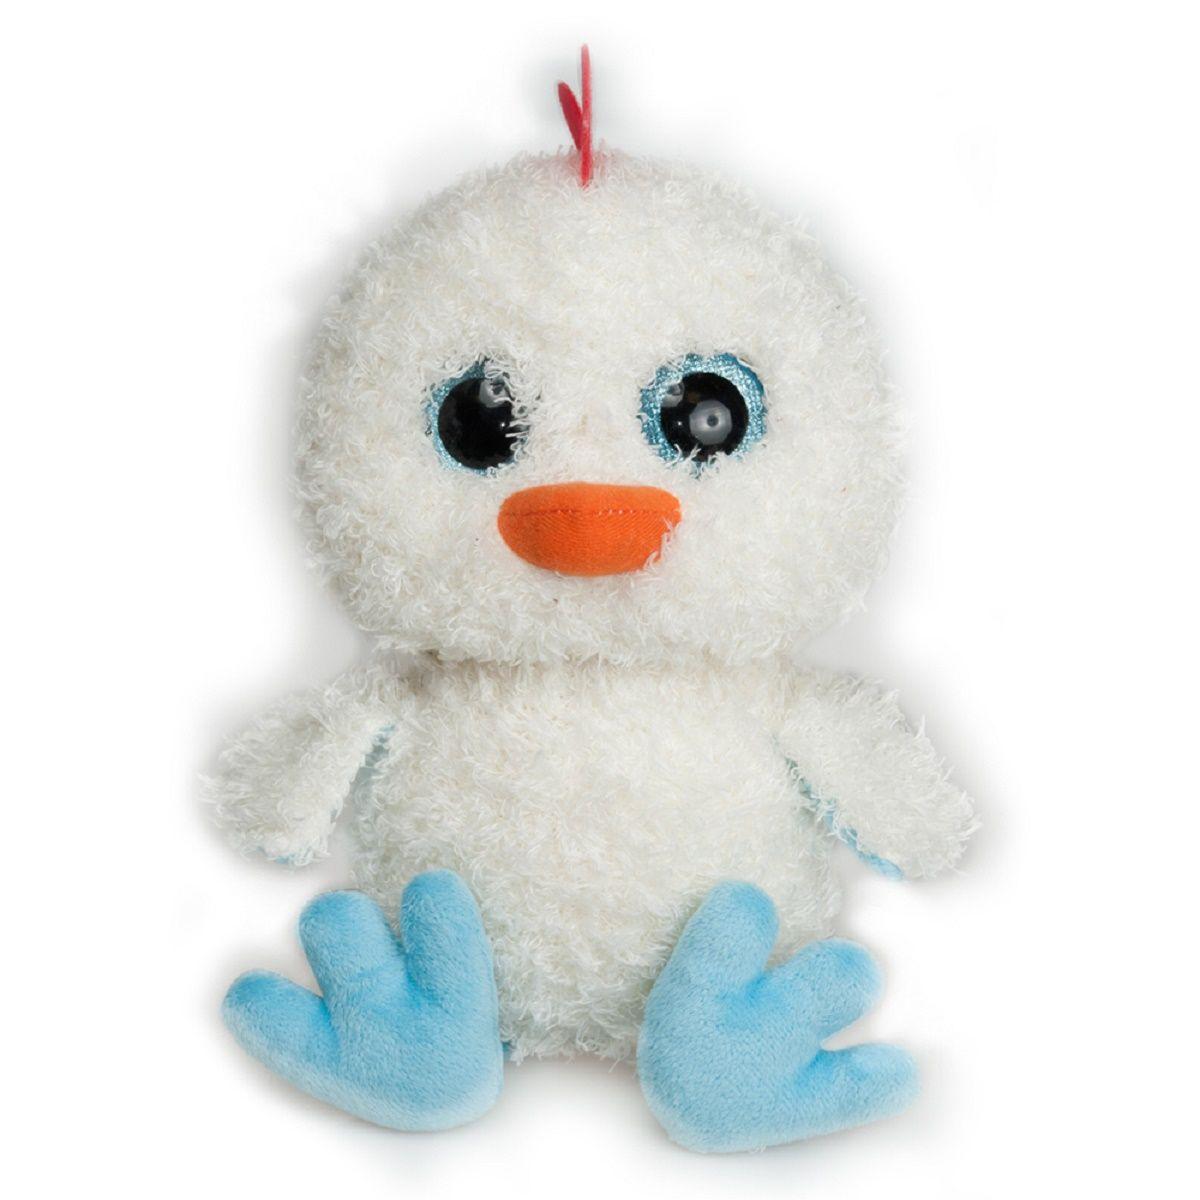 Fancy Мягкая игрушка Цыпленок-глазастик CNPB0CNPB0Детская подарочная игрушка. Яркий милый образ.